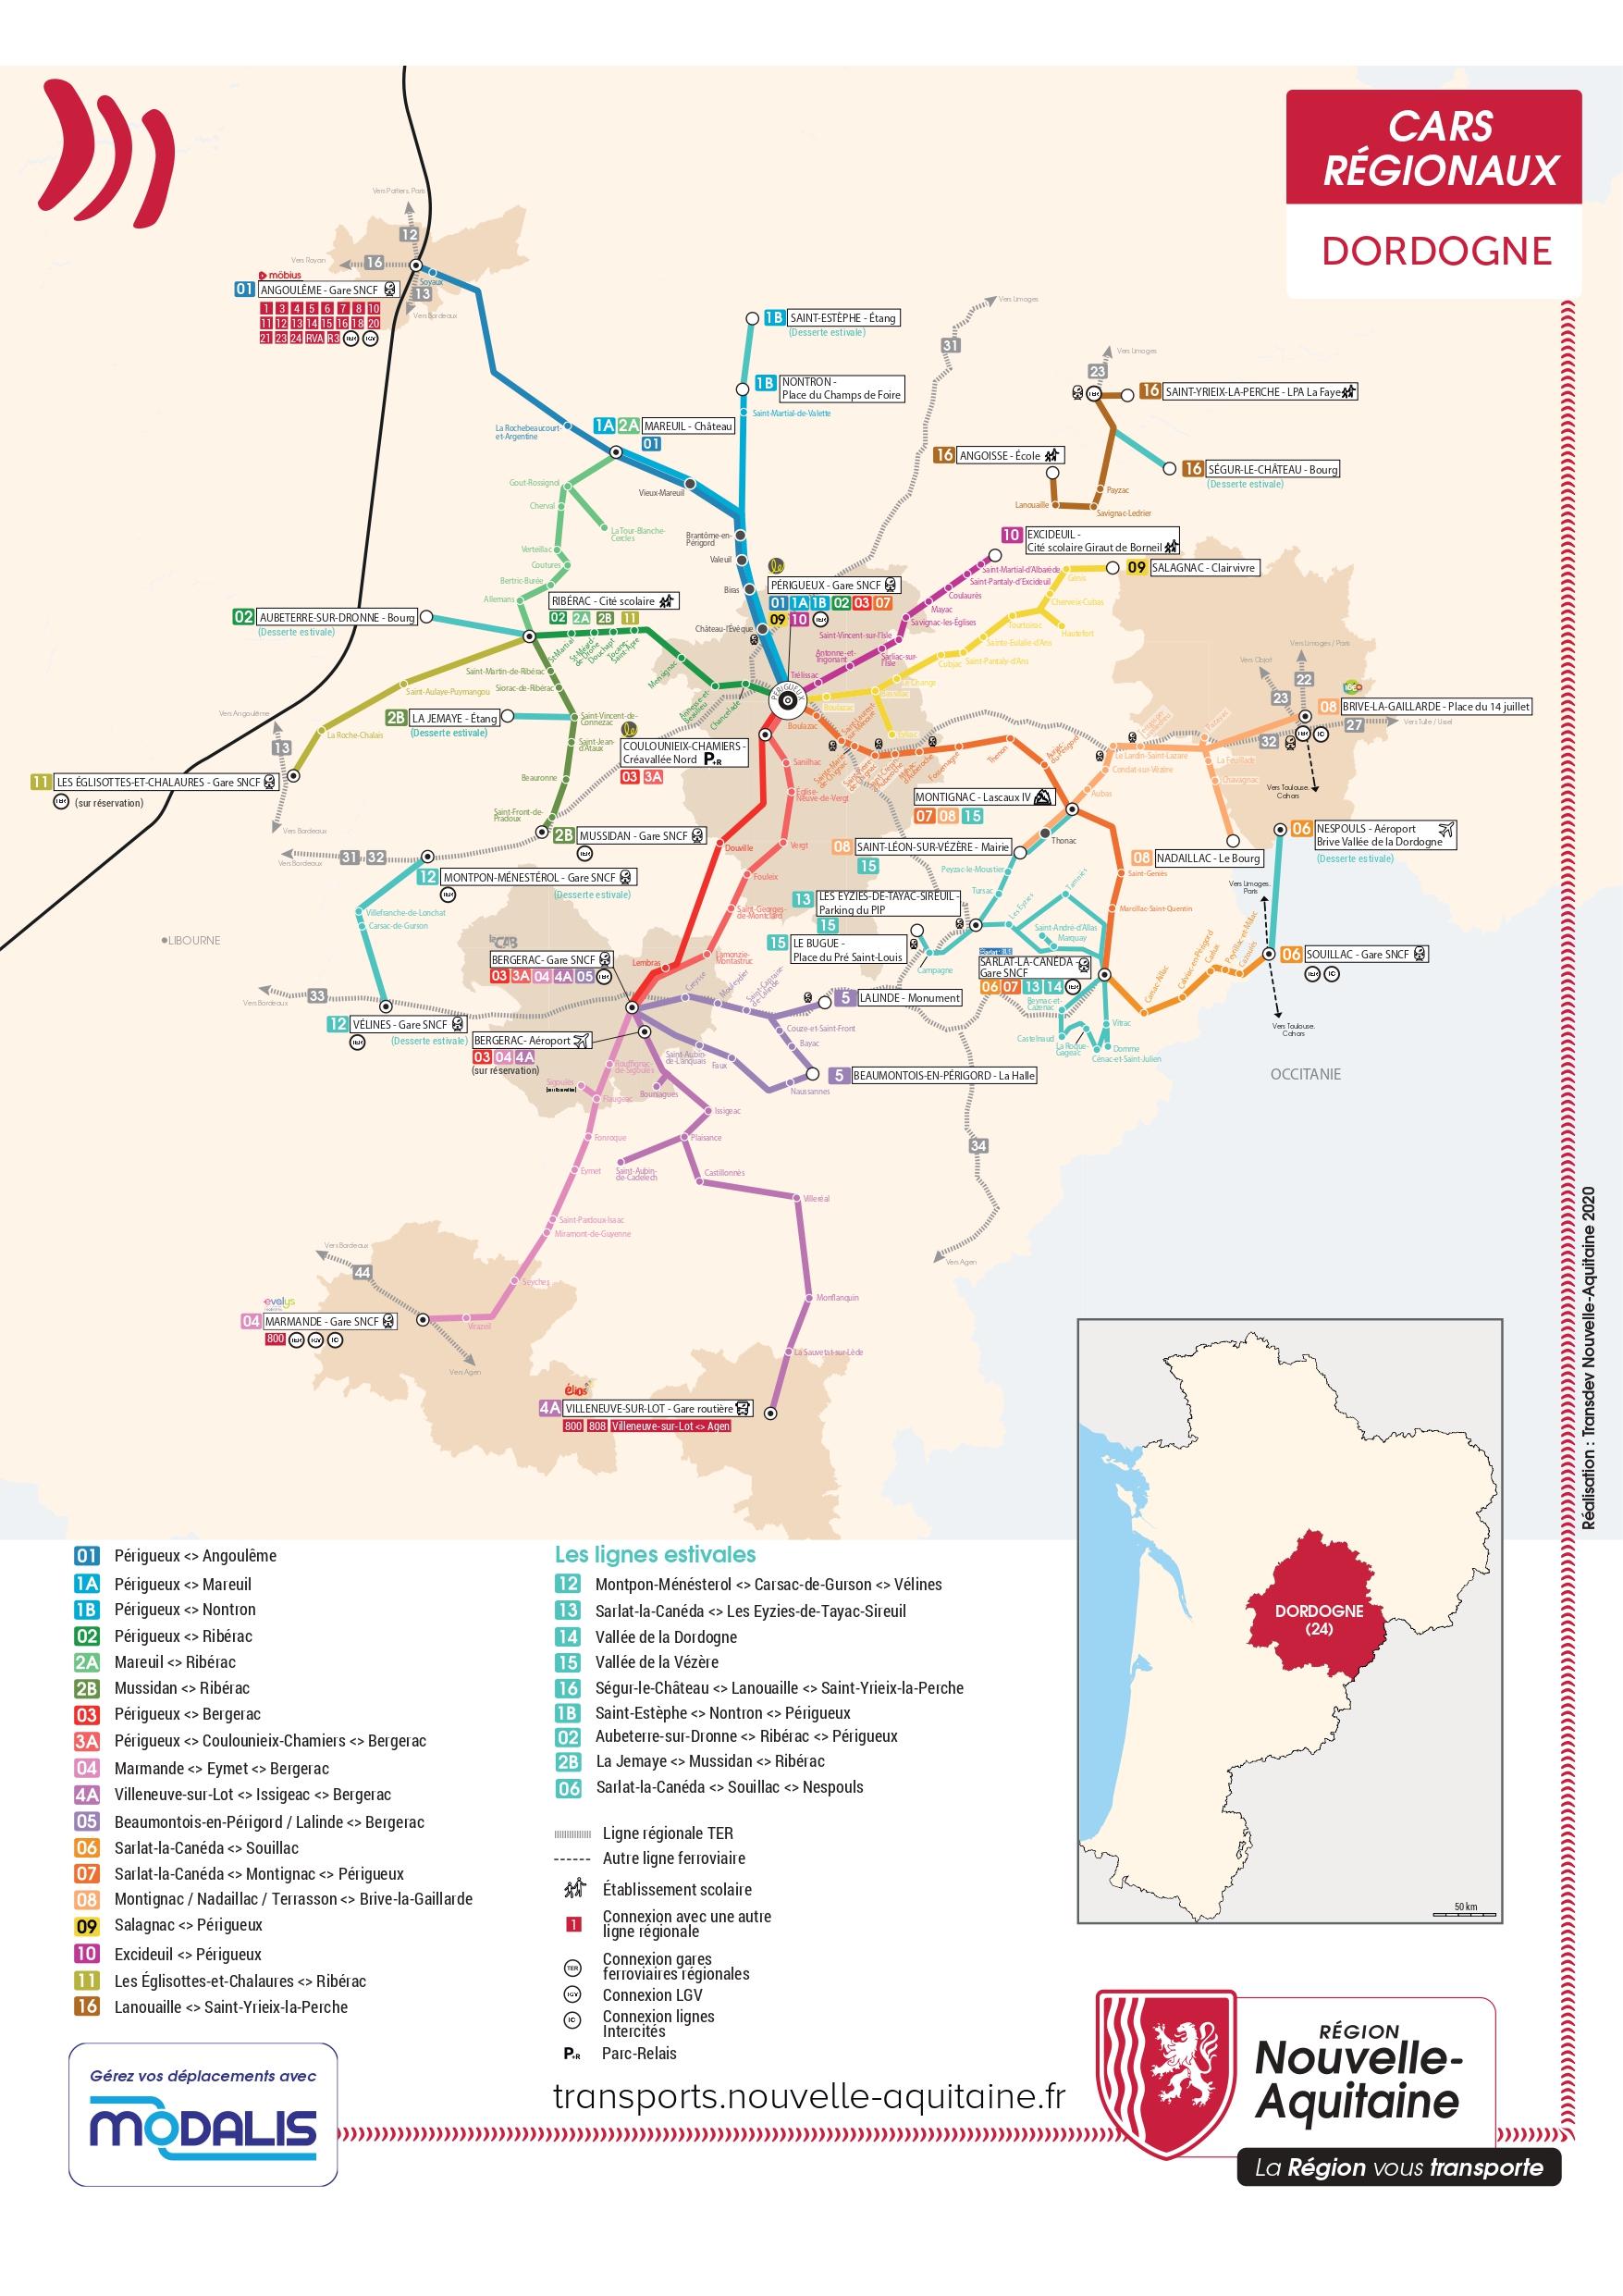 Plan Réseau Nouvelle aquitaine.jpg